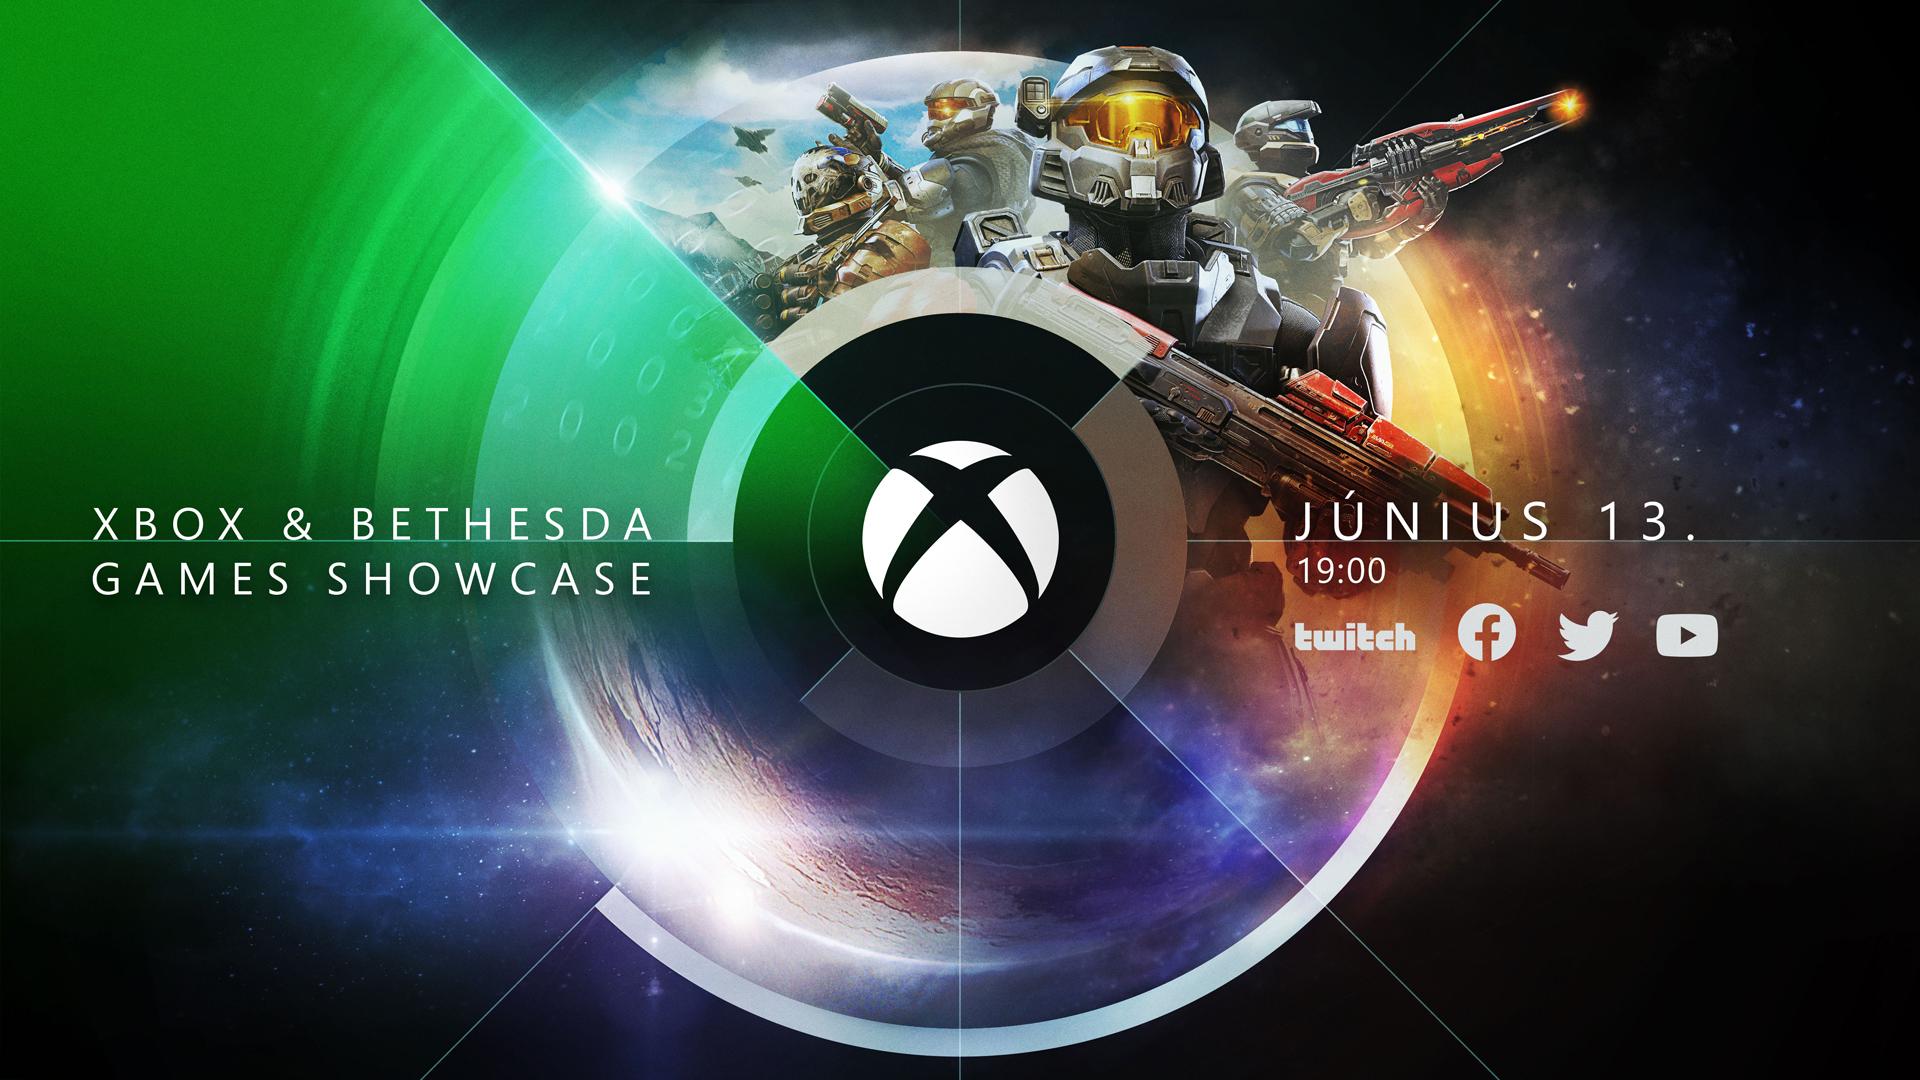 E3 2021: Xbox-Bethesda Games Showcase